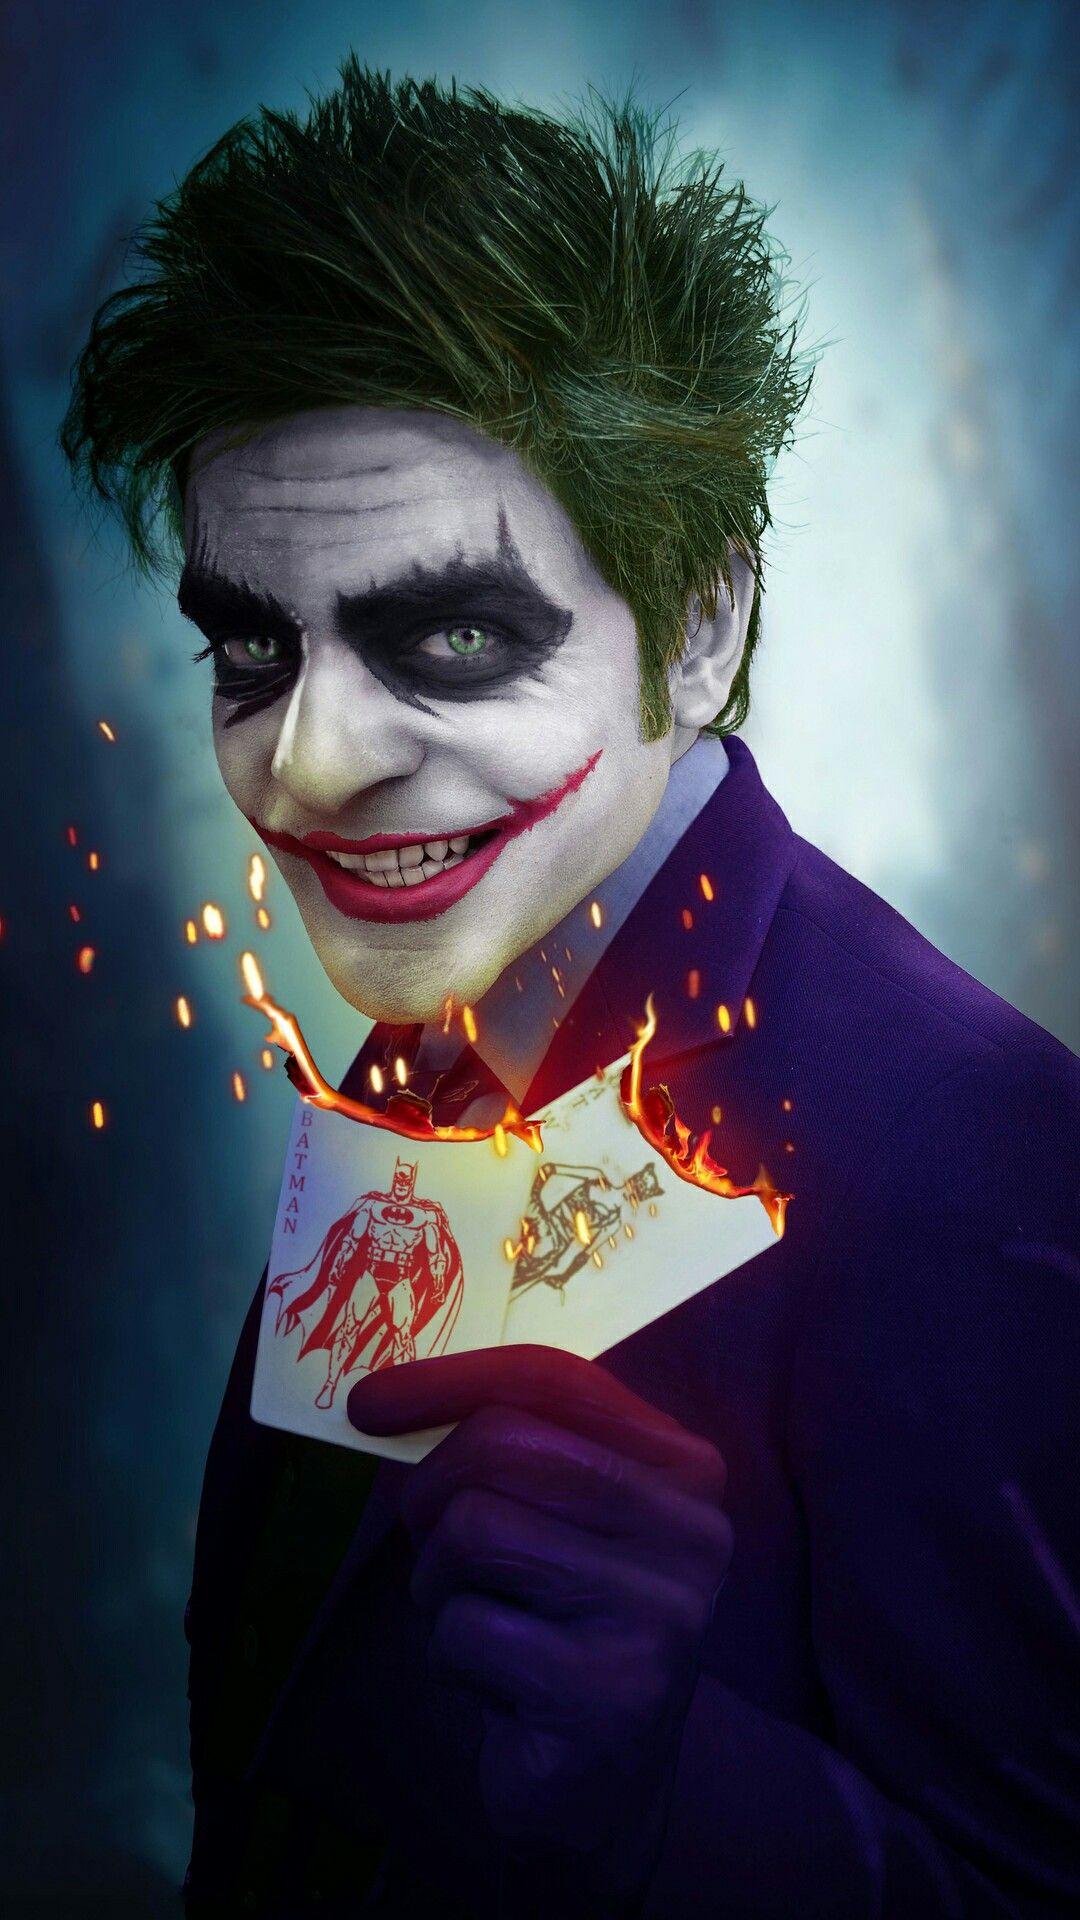 Joker Hd Wallpaper 01 Joker Hd Wallpaper Joker Smile Joker